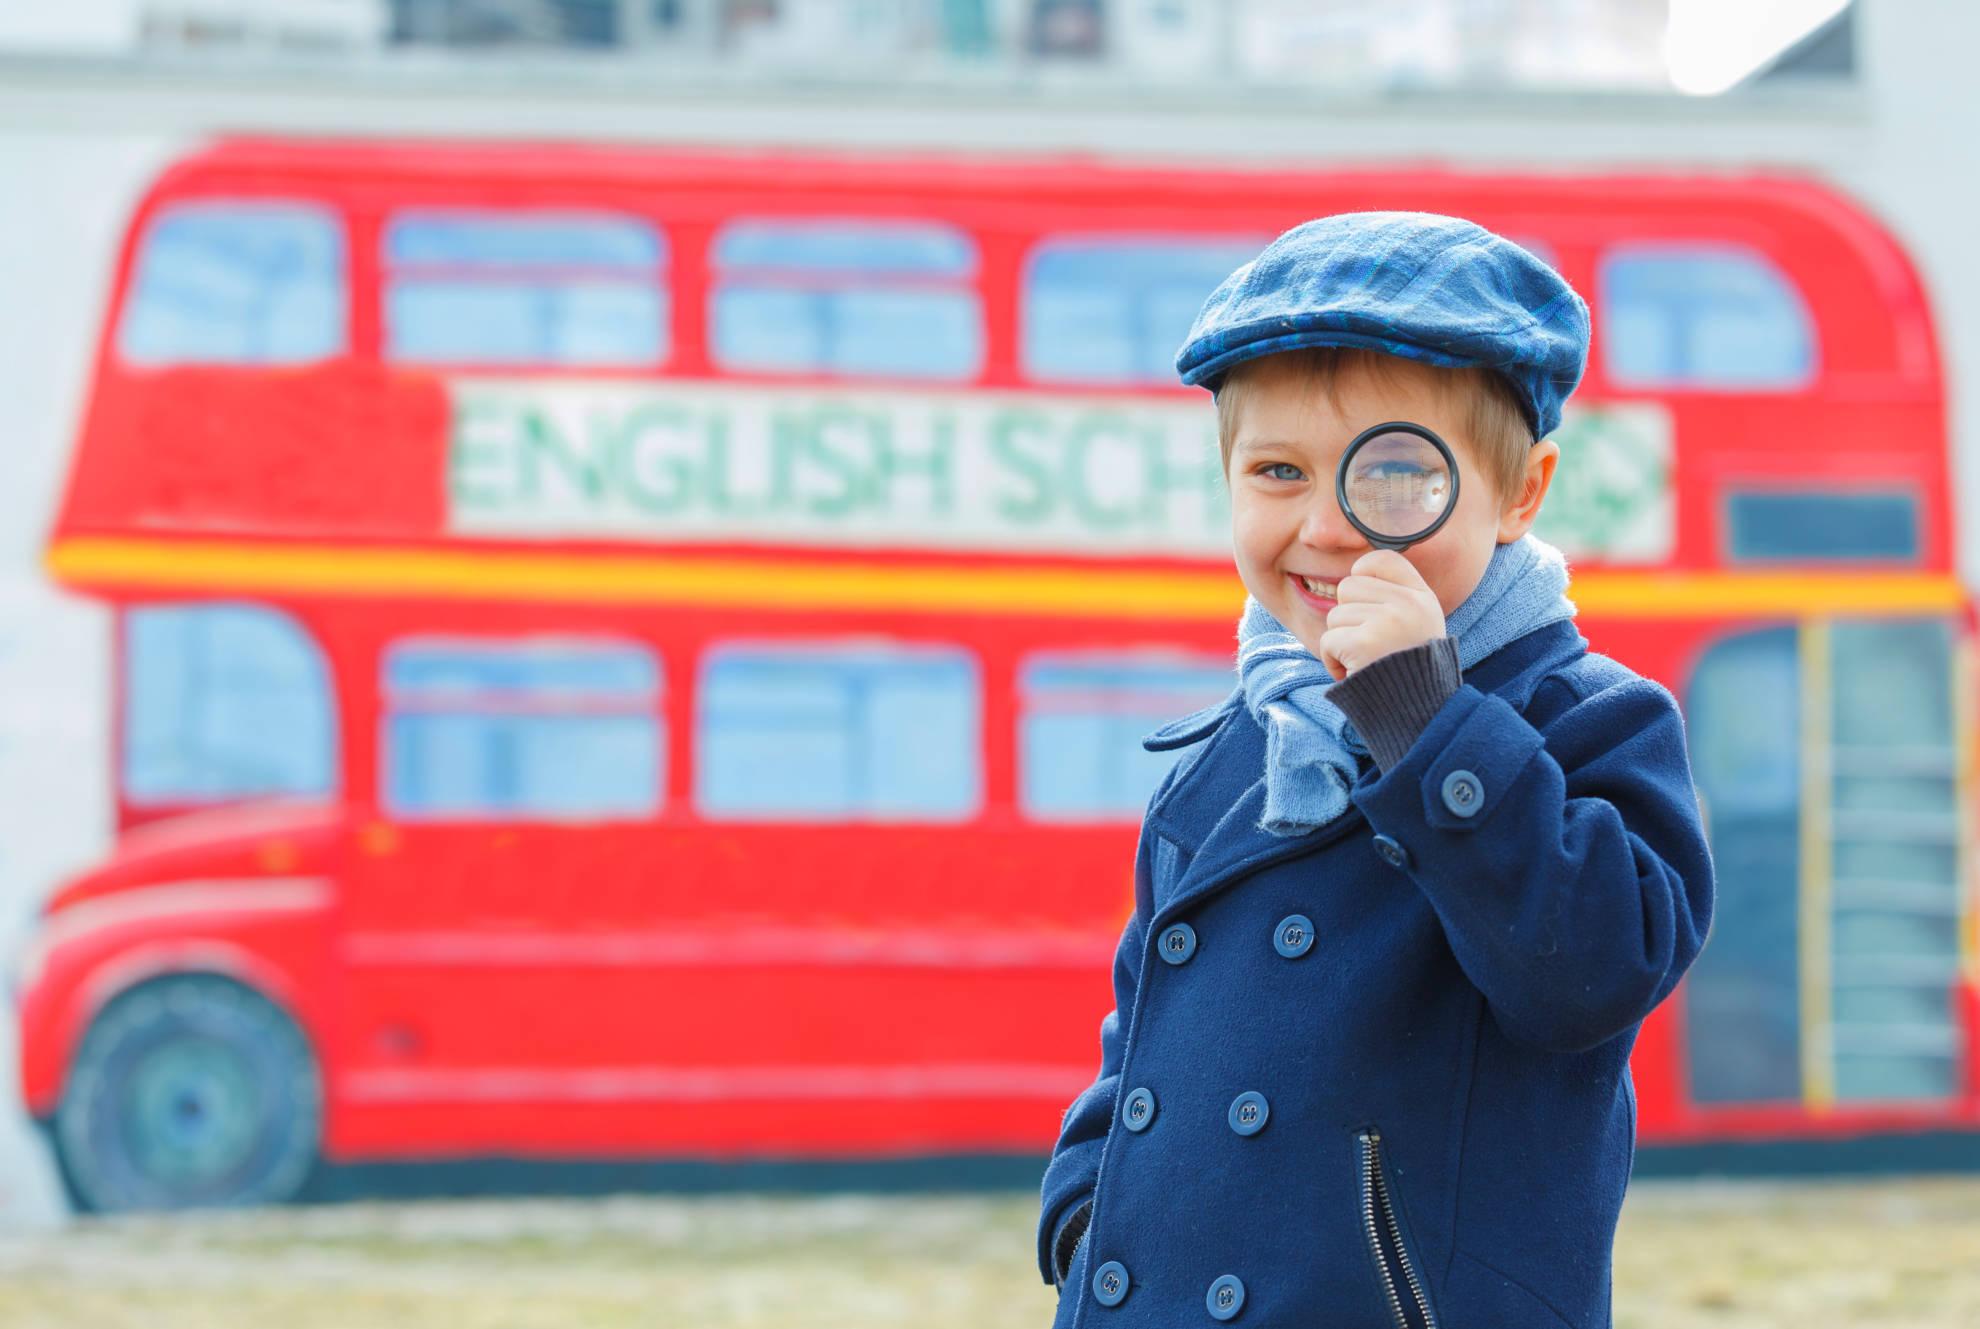 Clases de inglés para niños de primaria